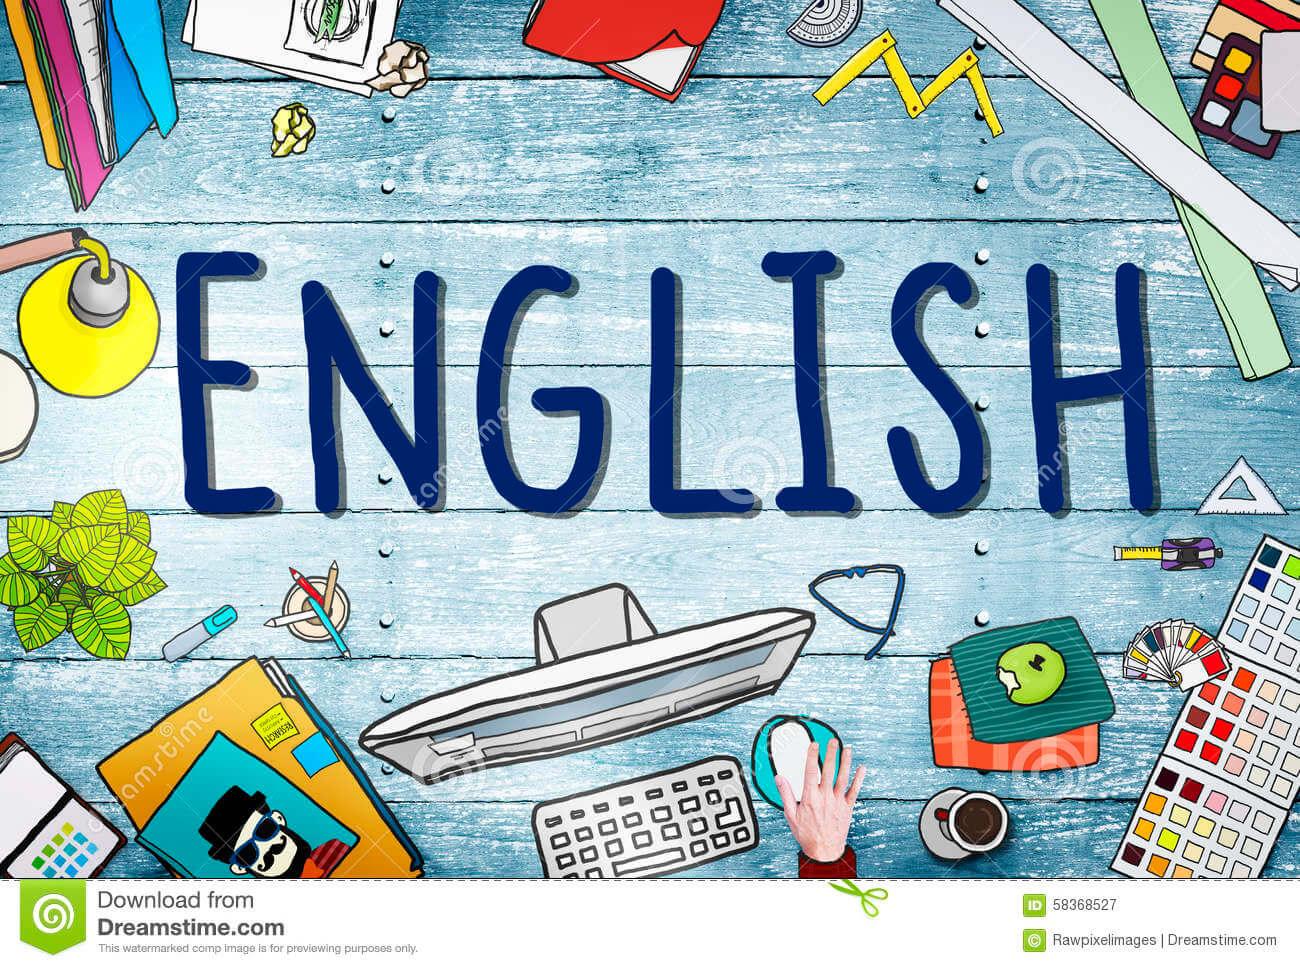 Taller de Inglés básico para estudiantes del idioma.